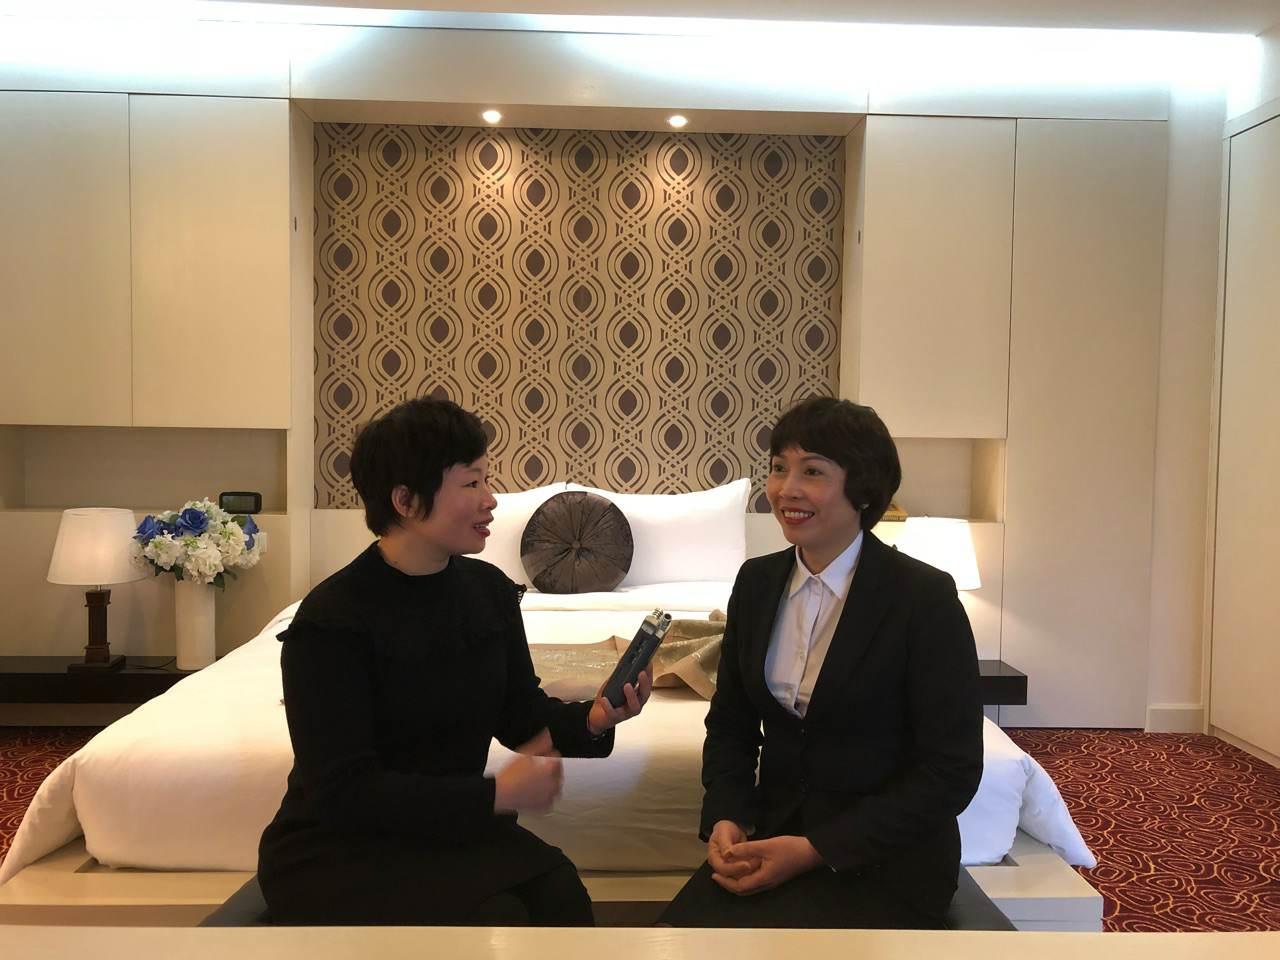 Tìm hiểu công việc phục vụ phòng tại khách sạn (20/2/2018)